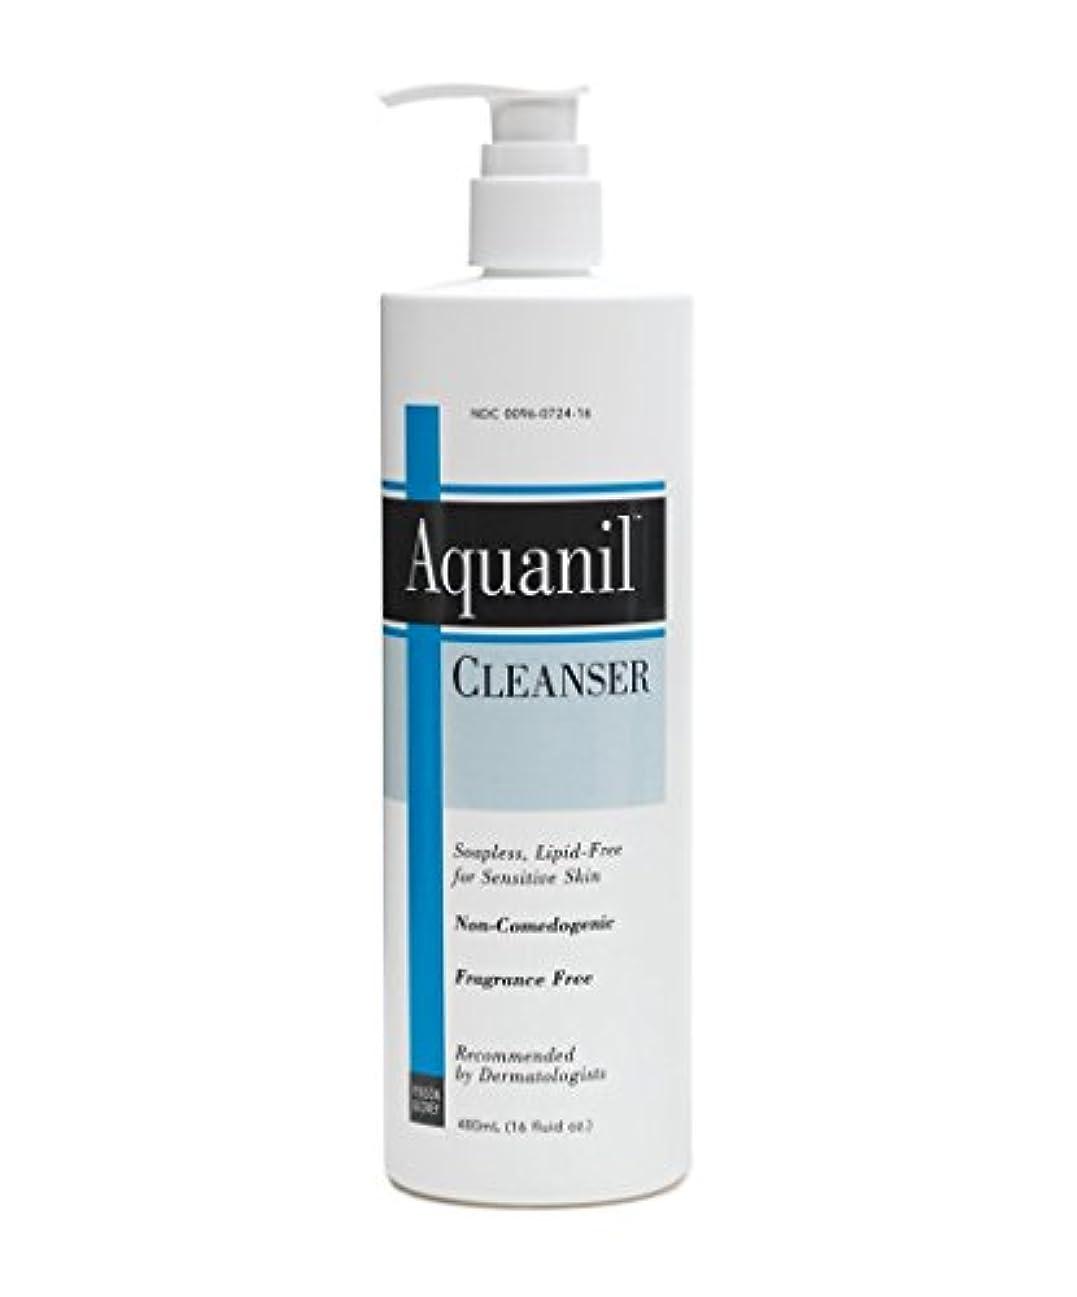 花火しがみつくメダリスト海外直送肘 Aquanil Cleanser A Gentle Soapless Lipid-Free, 16 oz